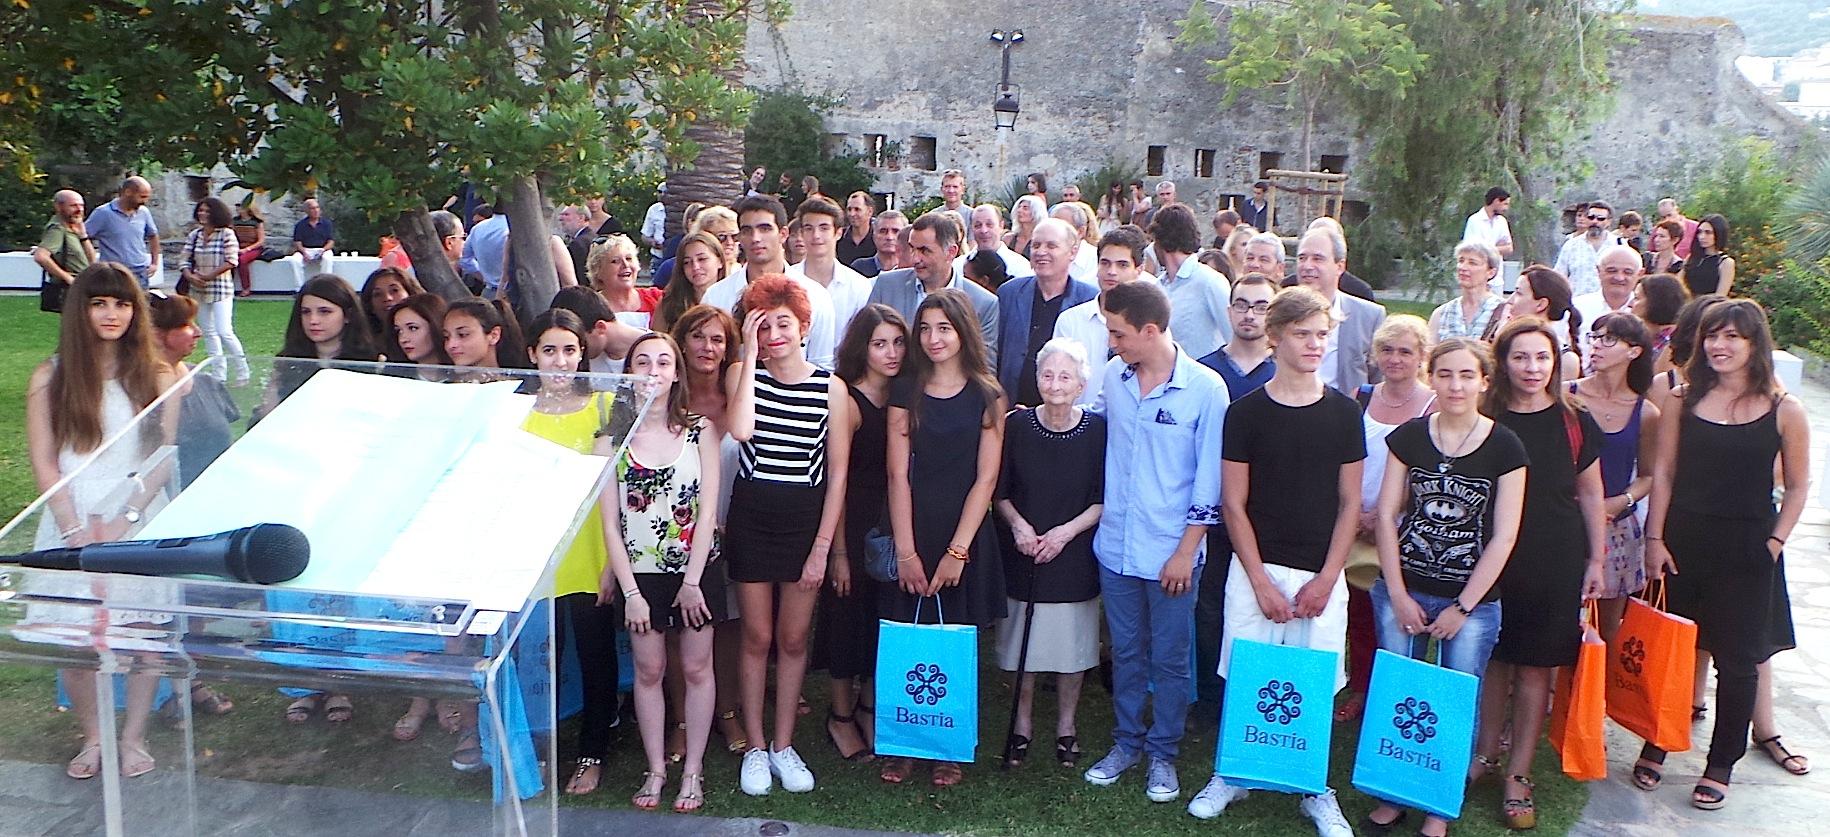 """Bastia récompense les mentions """"Très bien"""" et les lauréats des prix des thèses et posters"""